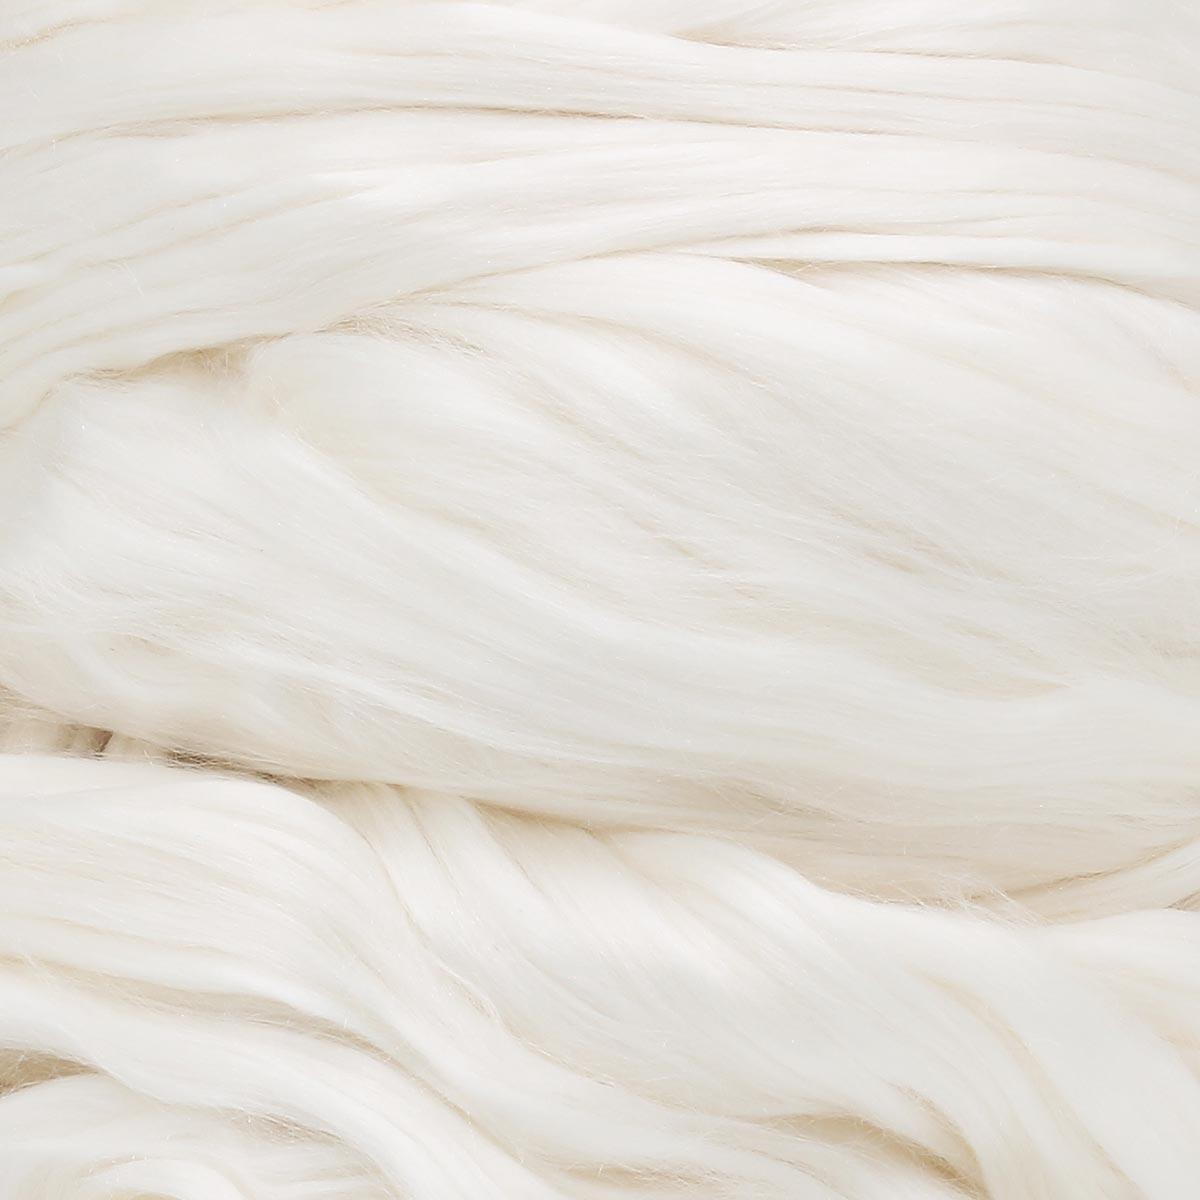 Шерсть для валяния натуральный шелк 100%, 50 гр.